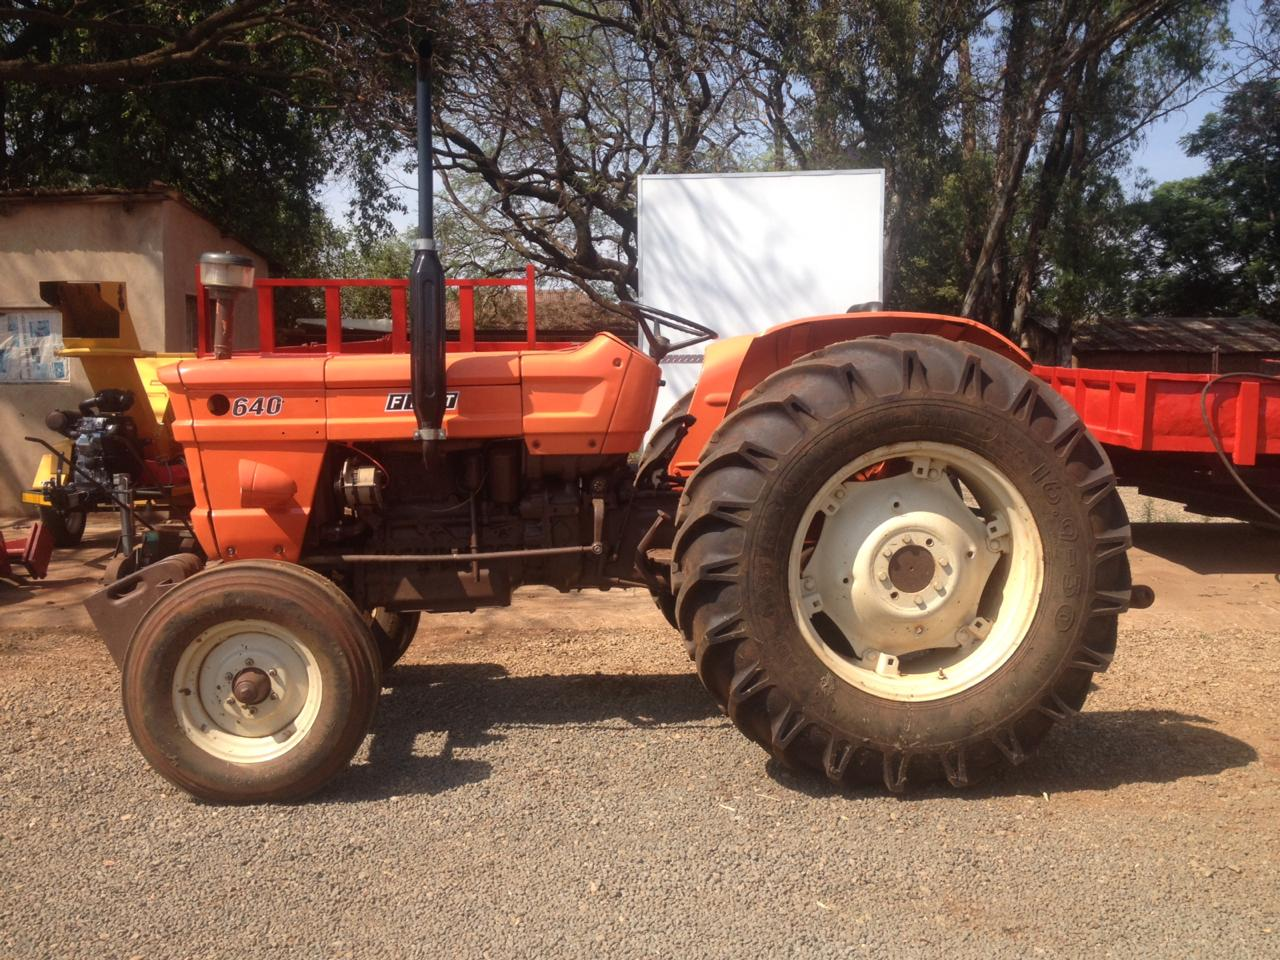 Beliebt Bevorzugt Orange Fiat 640 2x4 Pre-Owned Tractor | Junk Mail &TQ_11